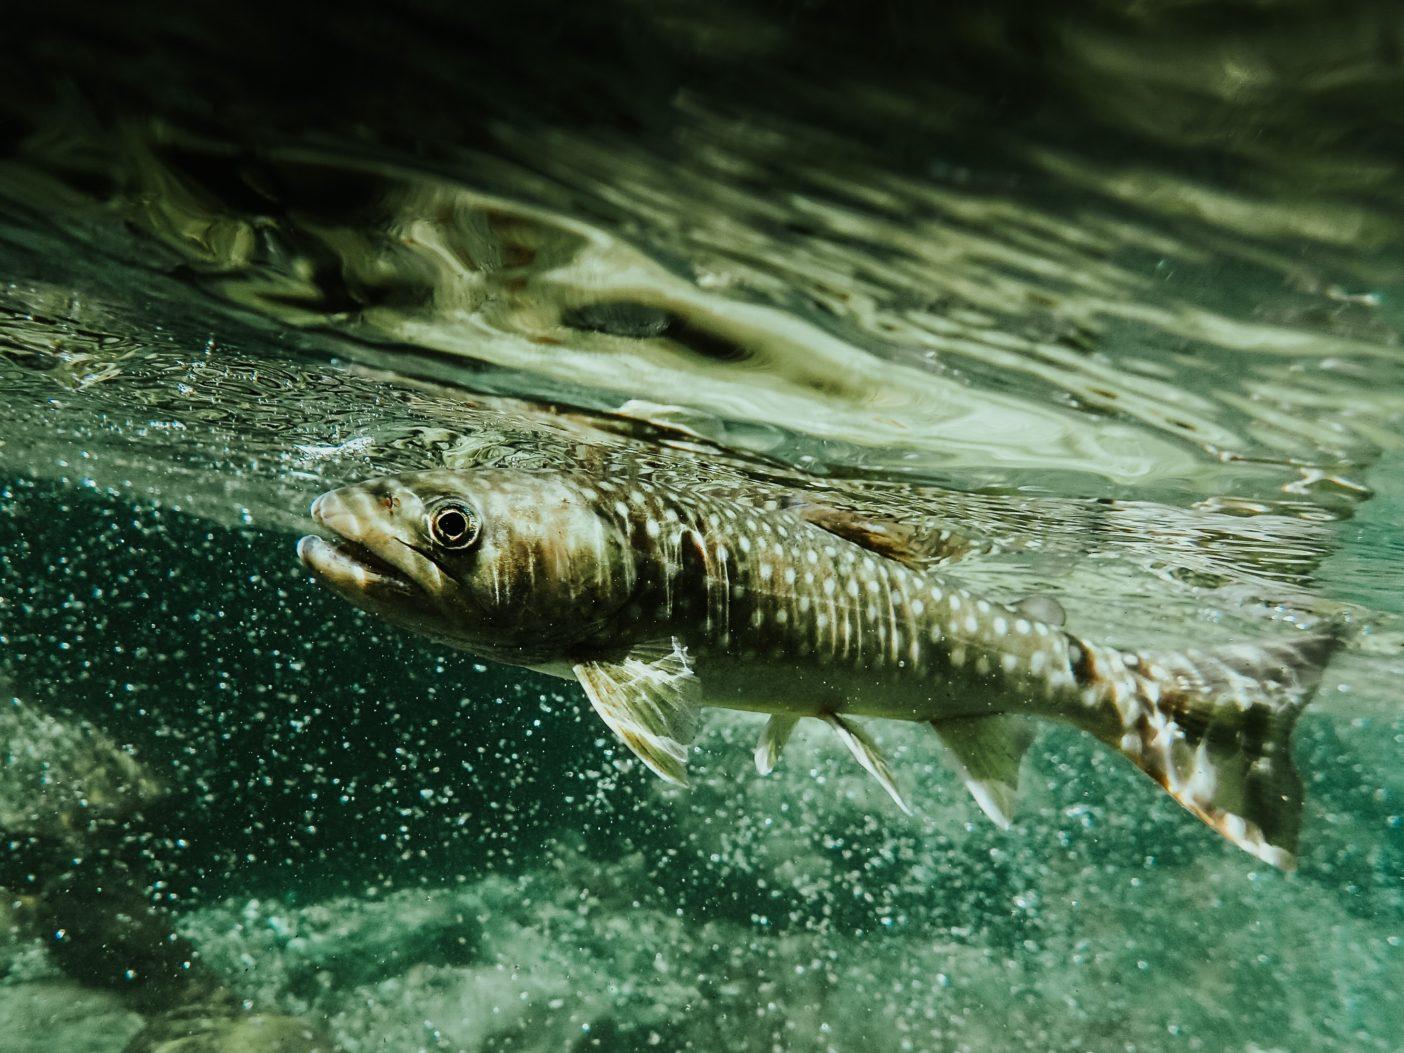 イワナは無骨で、不器用で、憎めない。だからかどうか、釣り人からも好かれてしまい、イワナは自分の良い性格を嘆いている。 写真:阪東幸成